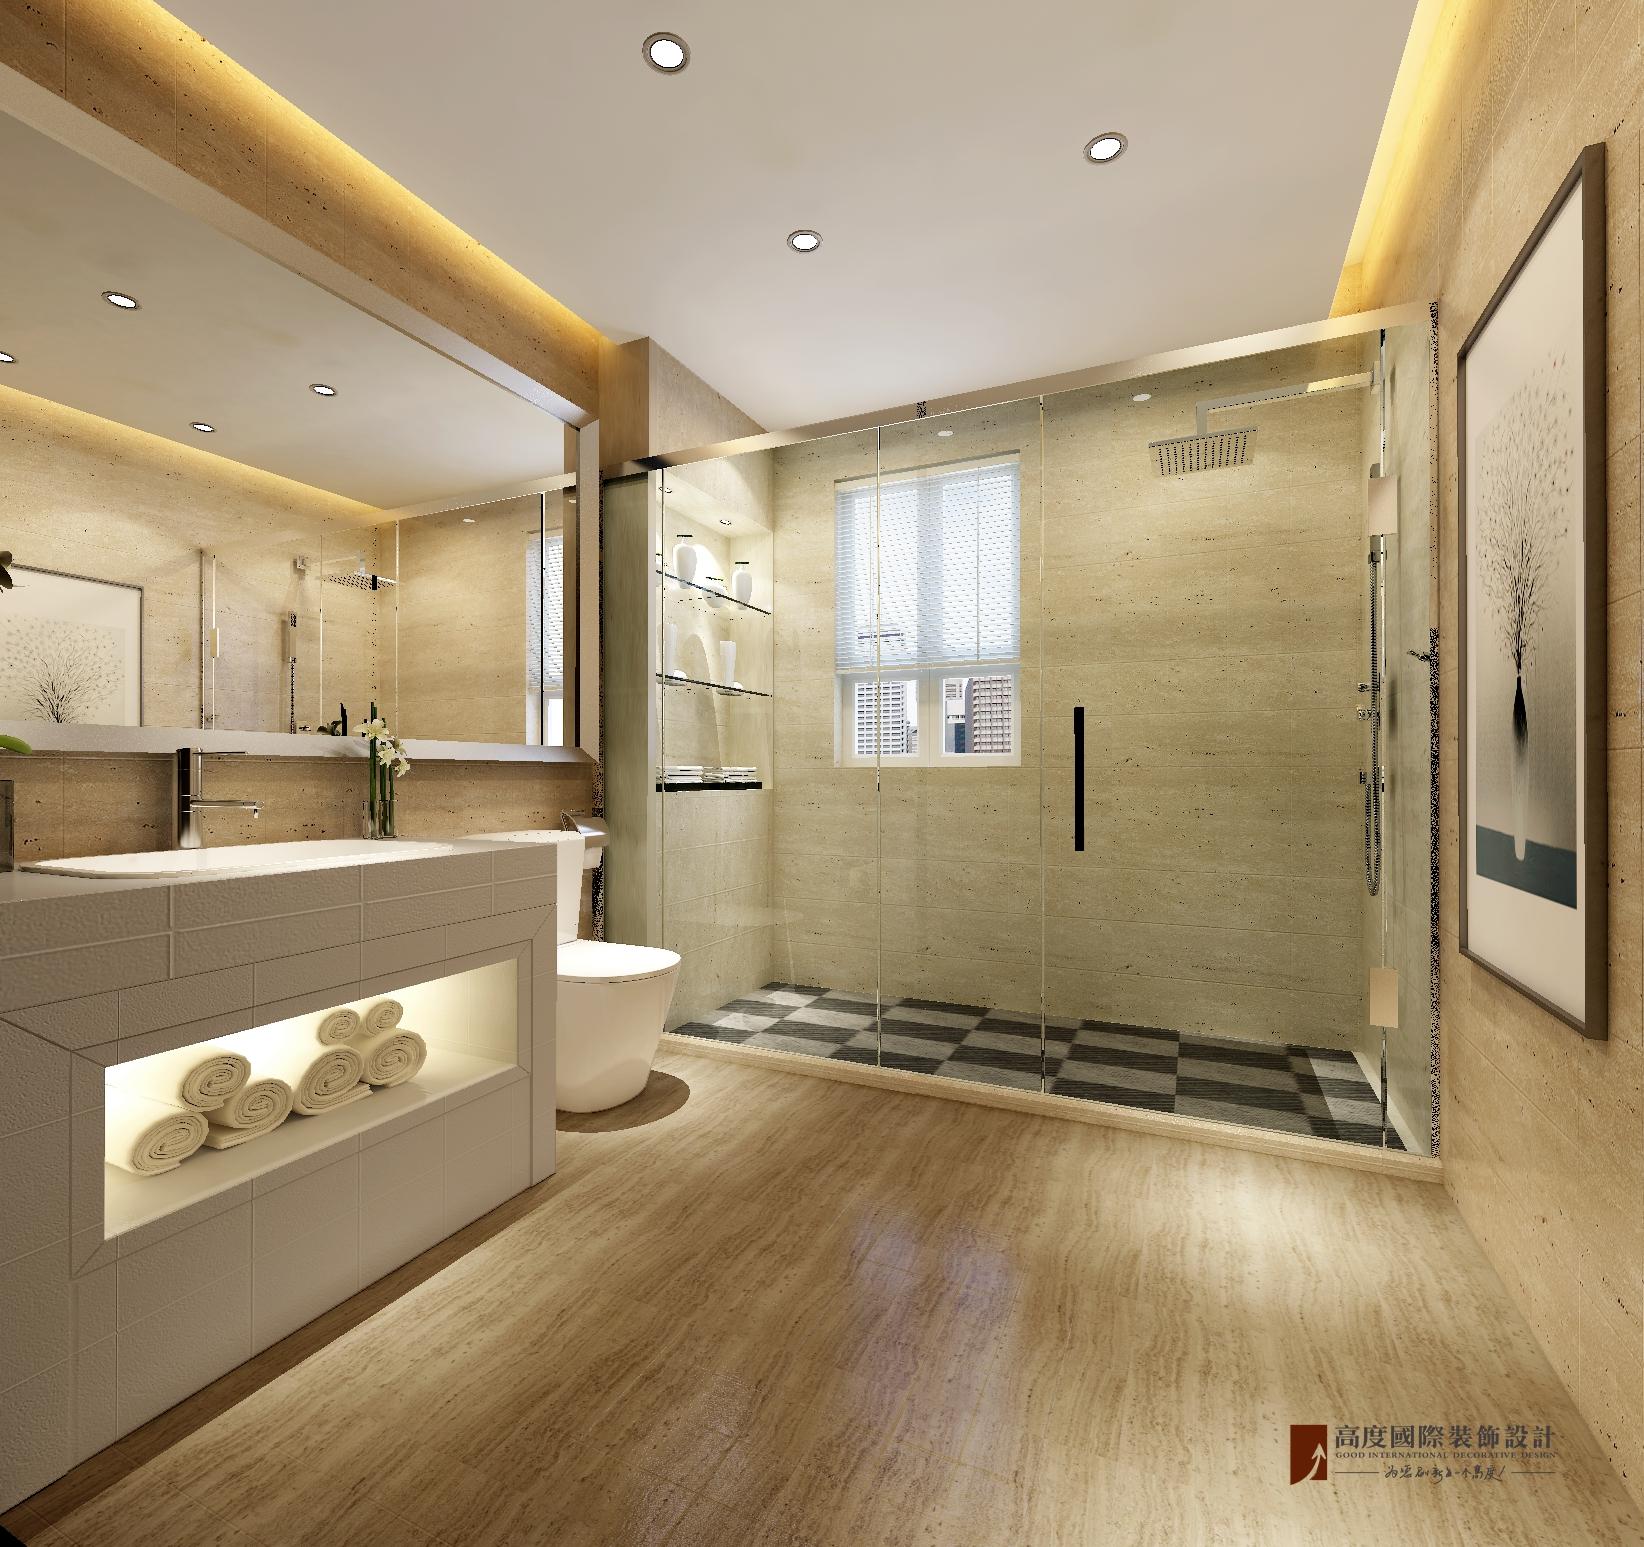 简约 别墅 独栋 其他图片来自北京高度国际-陈玲在泉发花园——简约风格的分享